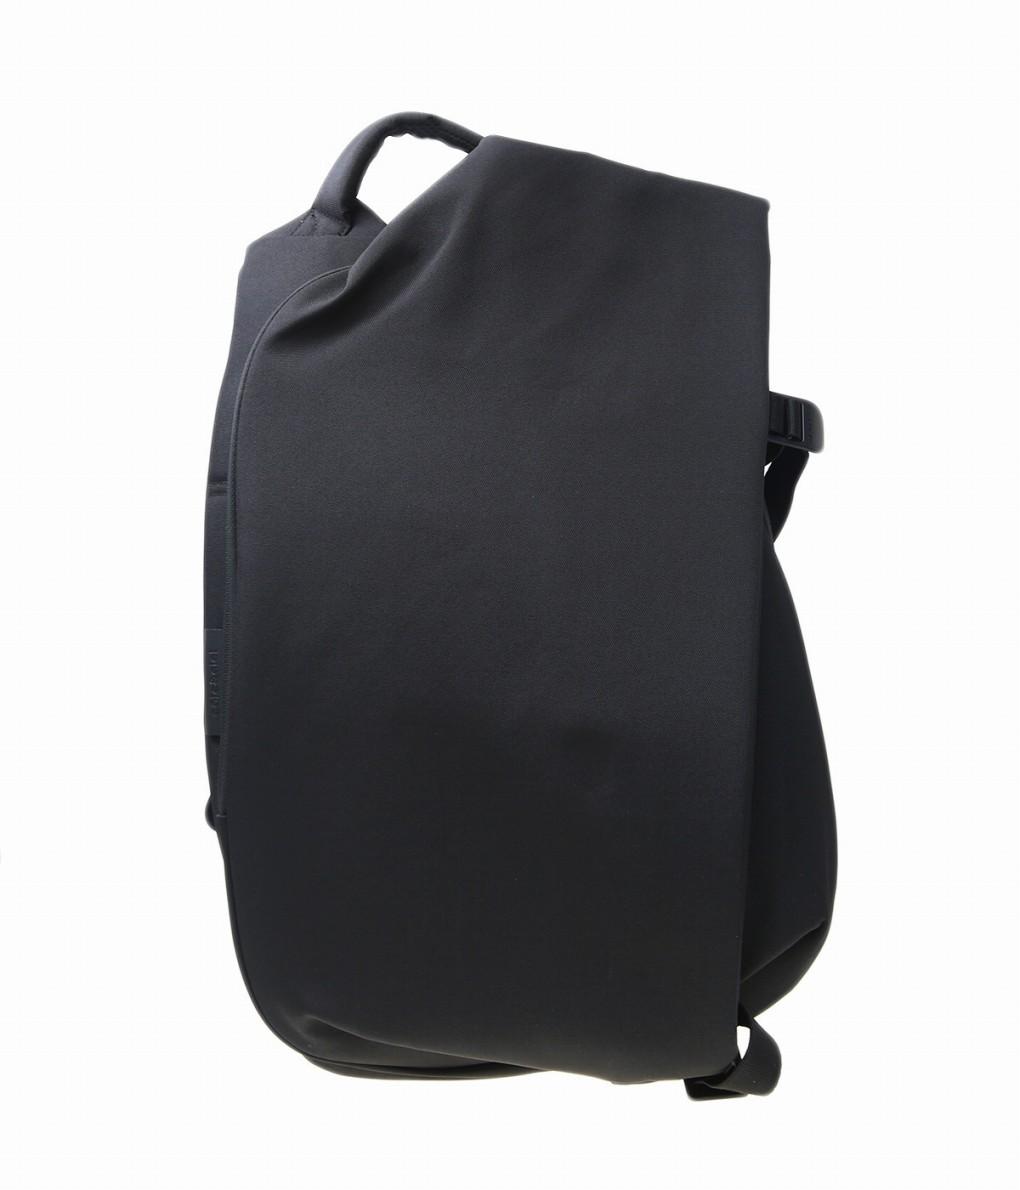 【送料無料】【期間限定ポイント10倍!】cote&ciel / コートエシエル : Eco Yarn Isar [Small] (Eco Yarn / BLACK MELANGE / Laptops up to 13inch) : エコヤーン イザール バックパック メンズ : cc-28470 【WAX】